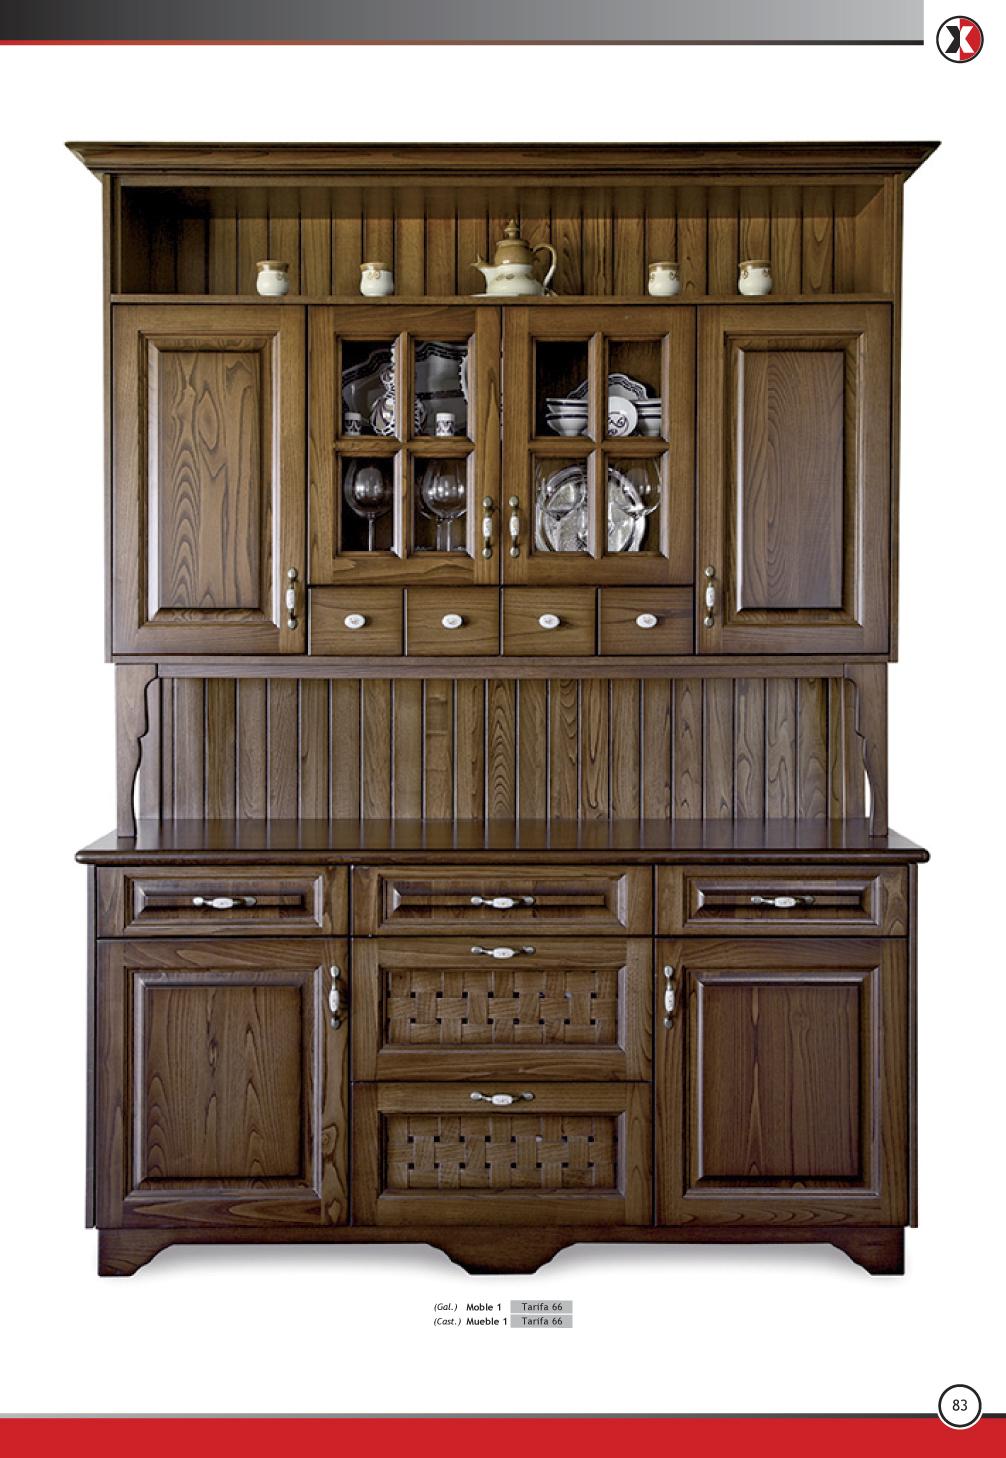 Xuntoira catalogo for Catalogo de puertas de madera pdf